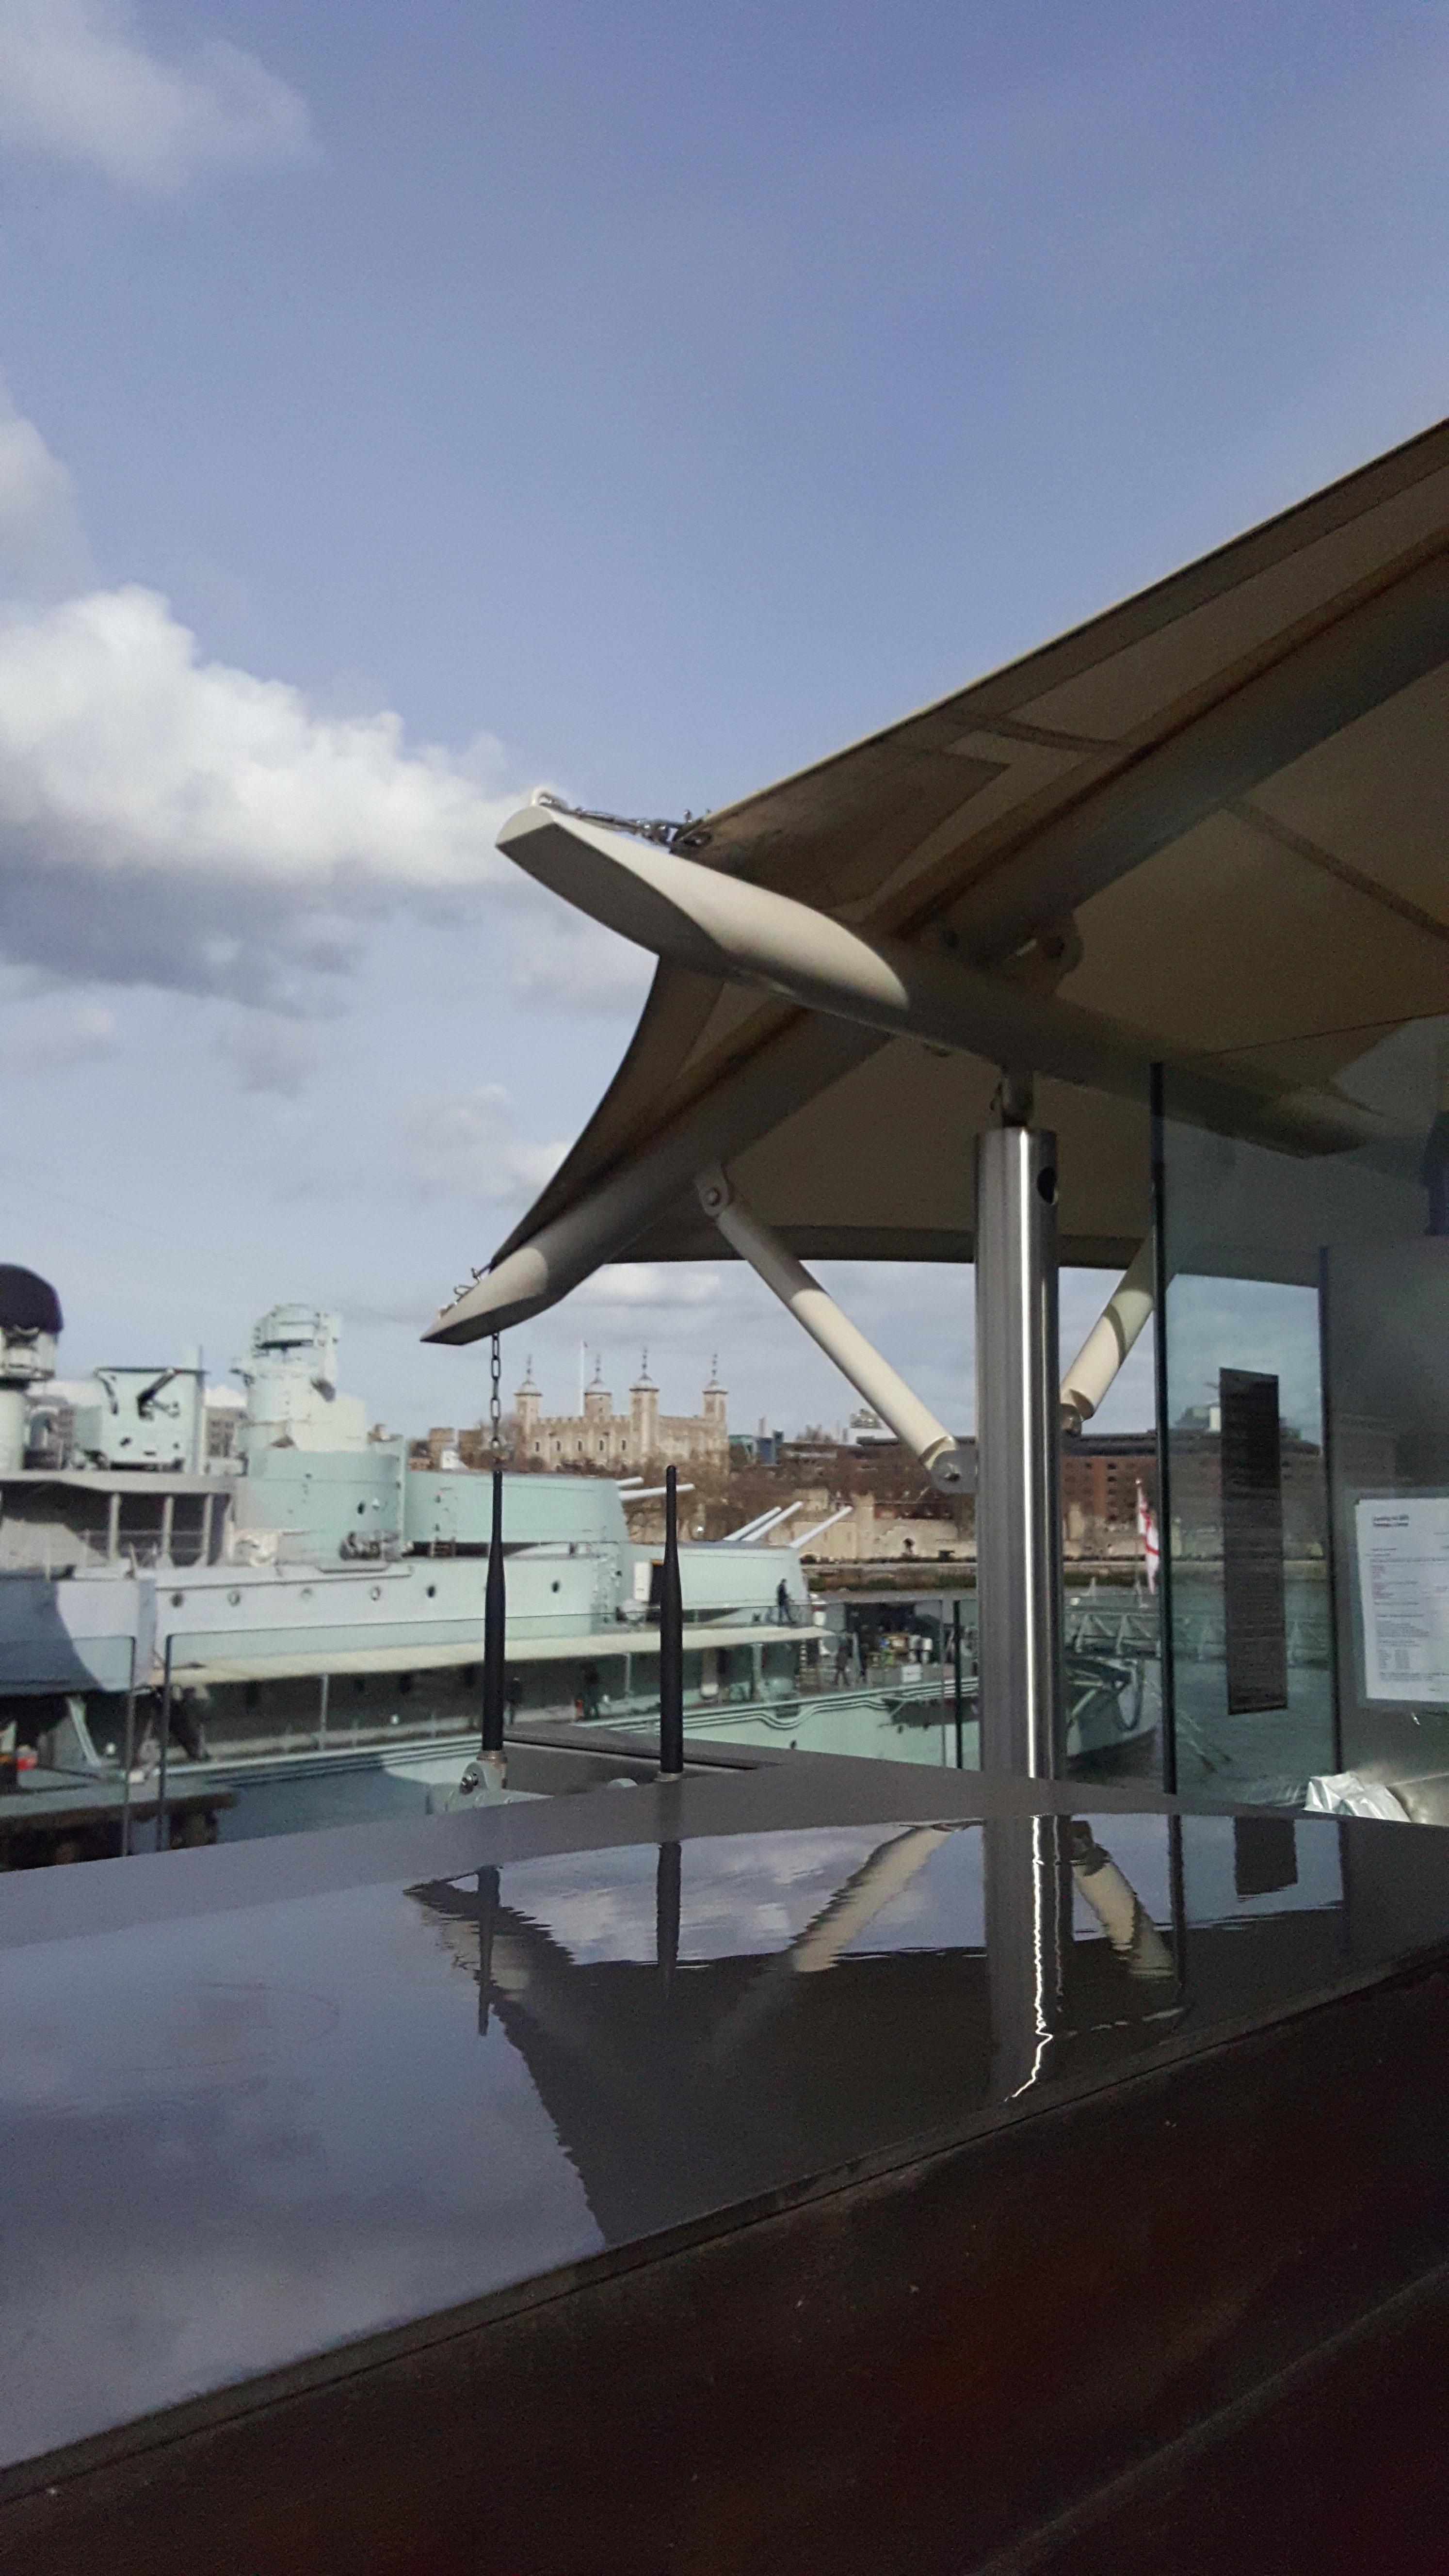 HMS Belfast Upper Deck Bar Sail4